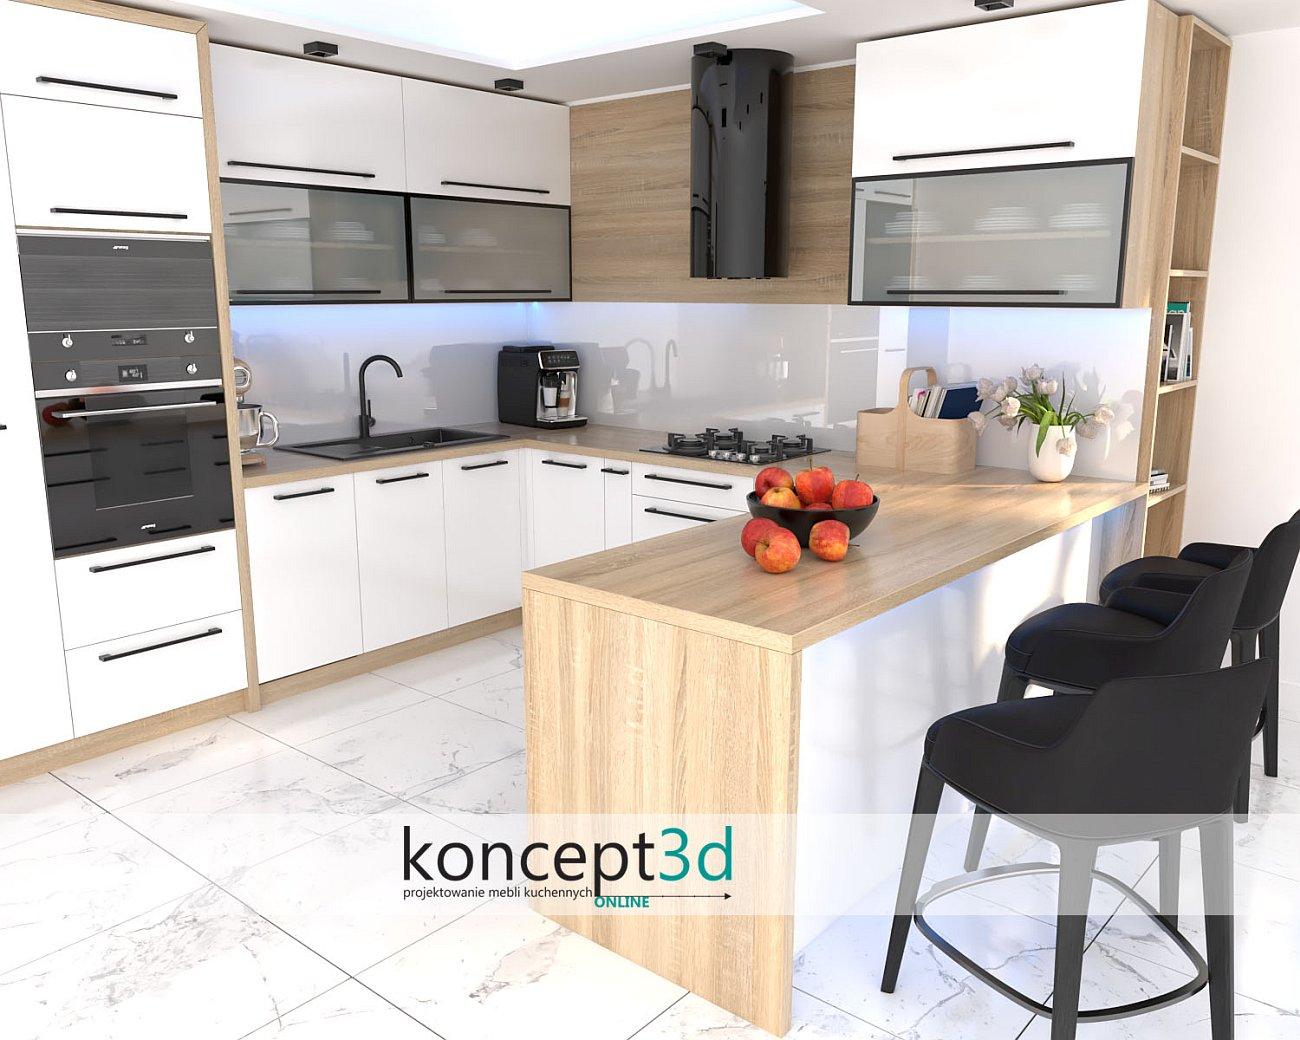 Projekt białych mebli kuchennych z blatem Dąb Sonoma   aranżacje kuchni koncept3d Mysłowice   czarne uchwyty w kuchni